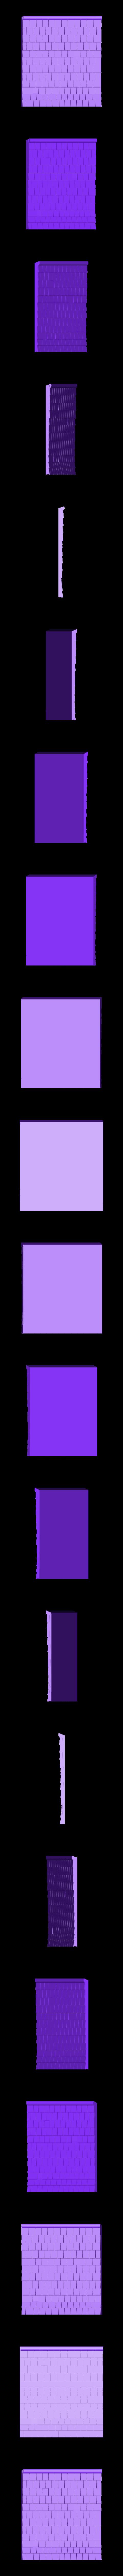 fun_bck_roof1_1.stl Télécharger fichier STL gratuit Ripper's London - Salon funéraire / boutique • Design pour imprimante 3D, Earsling